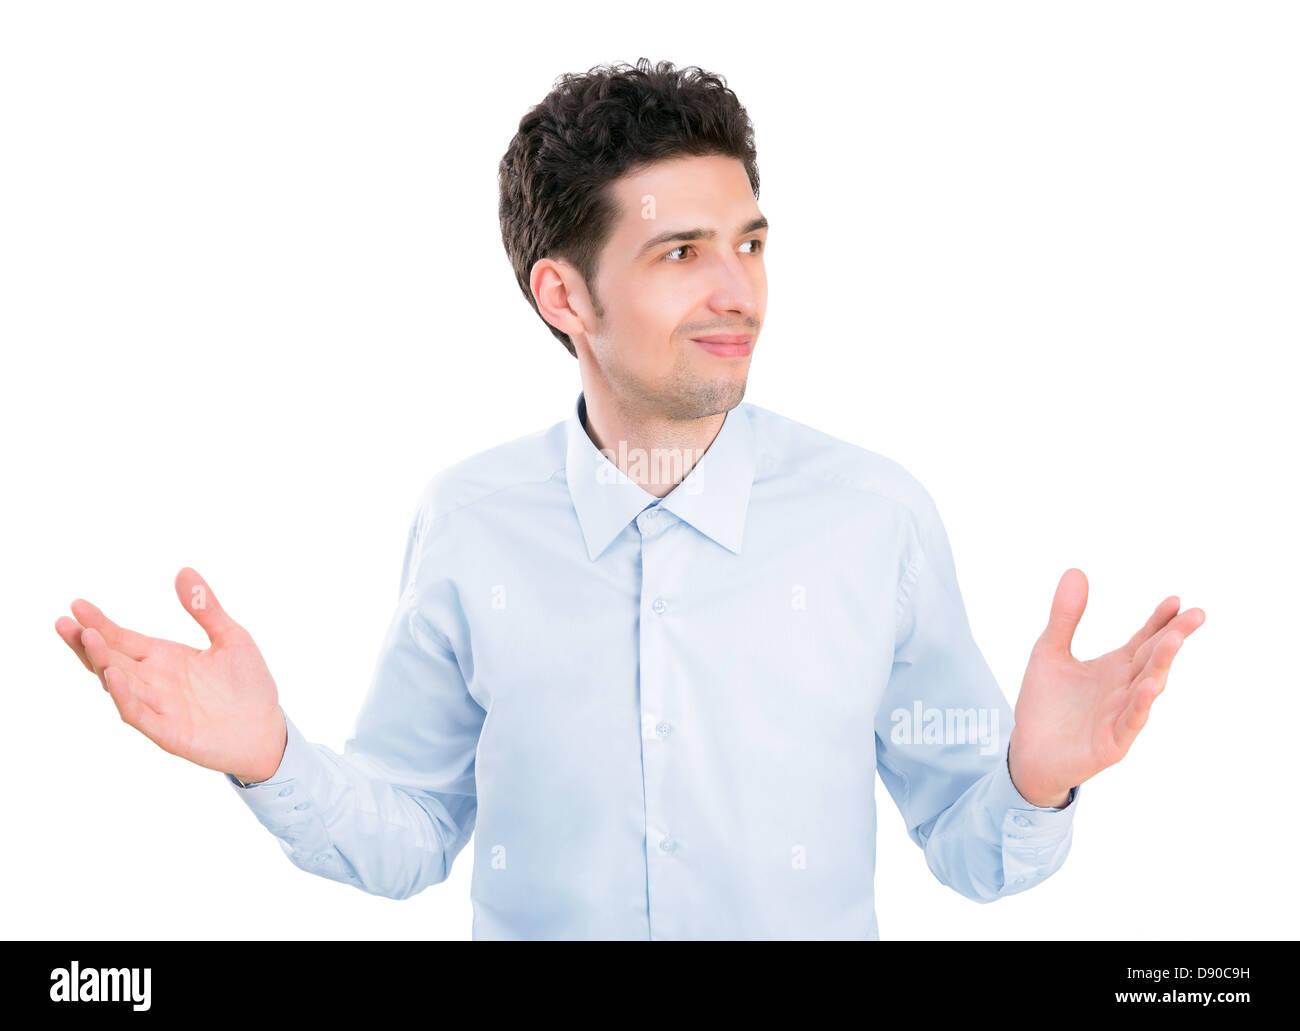 Porträt des jungen Geschäftsmann in Hemd mit Handflächen nach oben, die verwirrt, Ausdruck und keine Ideen. Isoliert Stockfoto